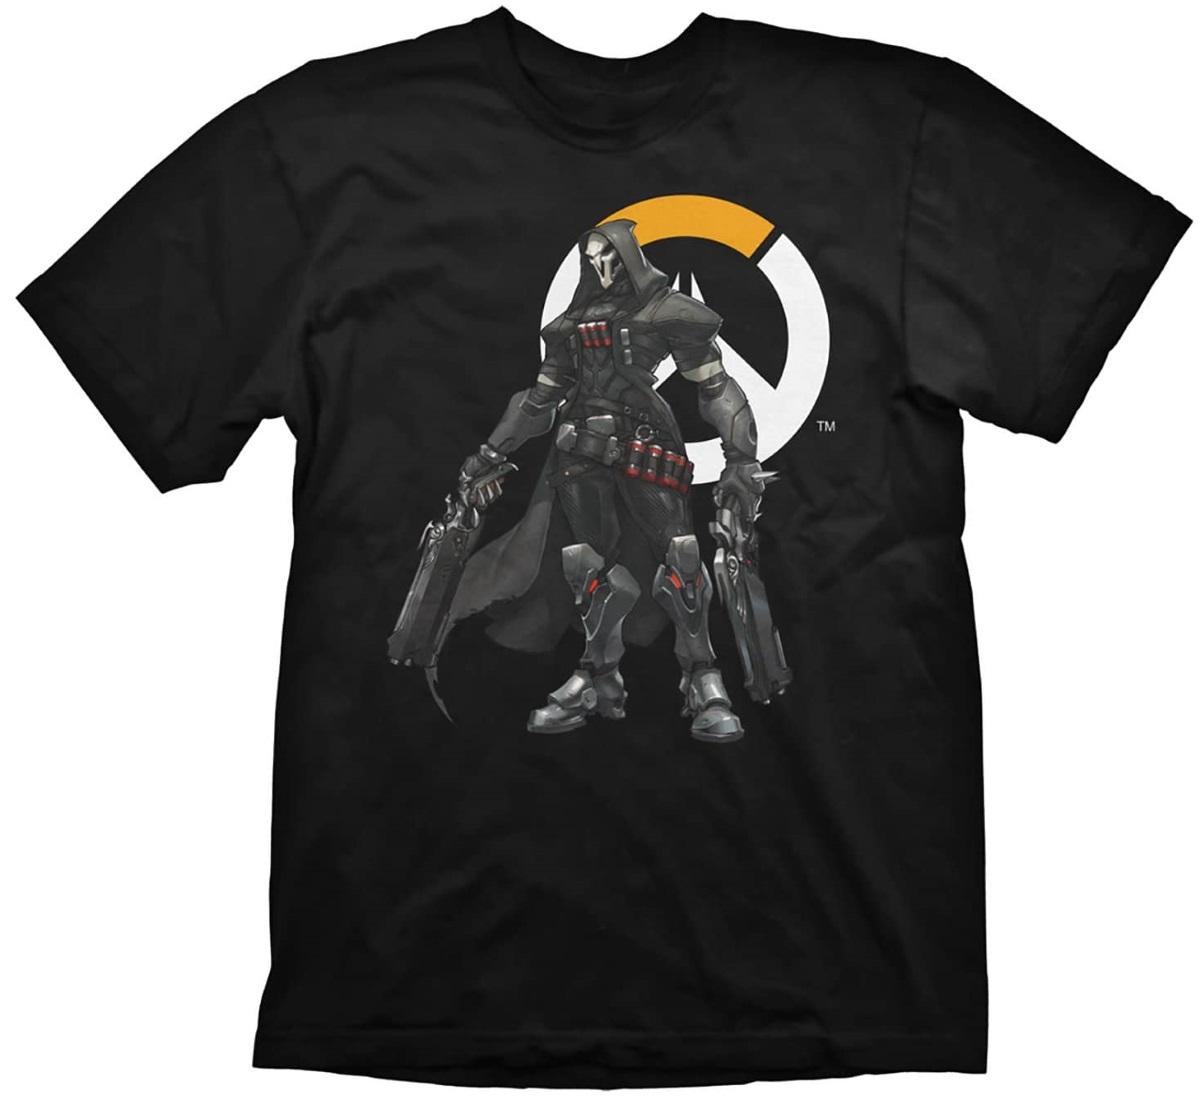 Футболка Overwatch: Reaper Logo (черная) (S)На футболке Overwatch: Reaper Logo черного цвета размера S изображен Жнец на фоне логотипа игры.<br>